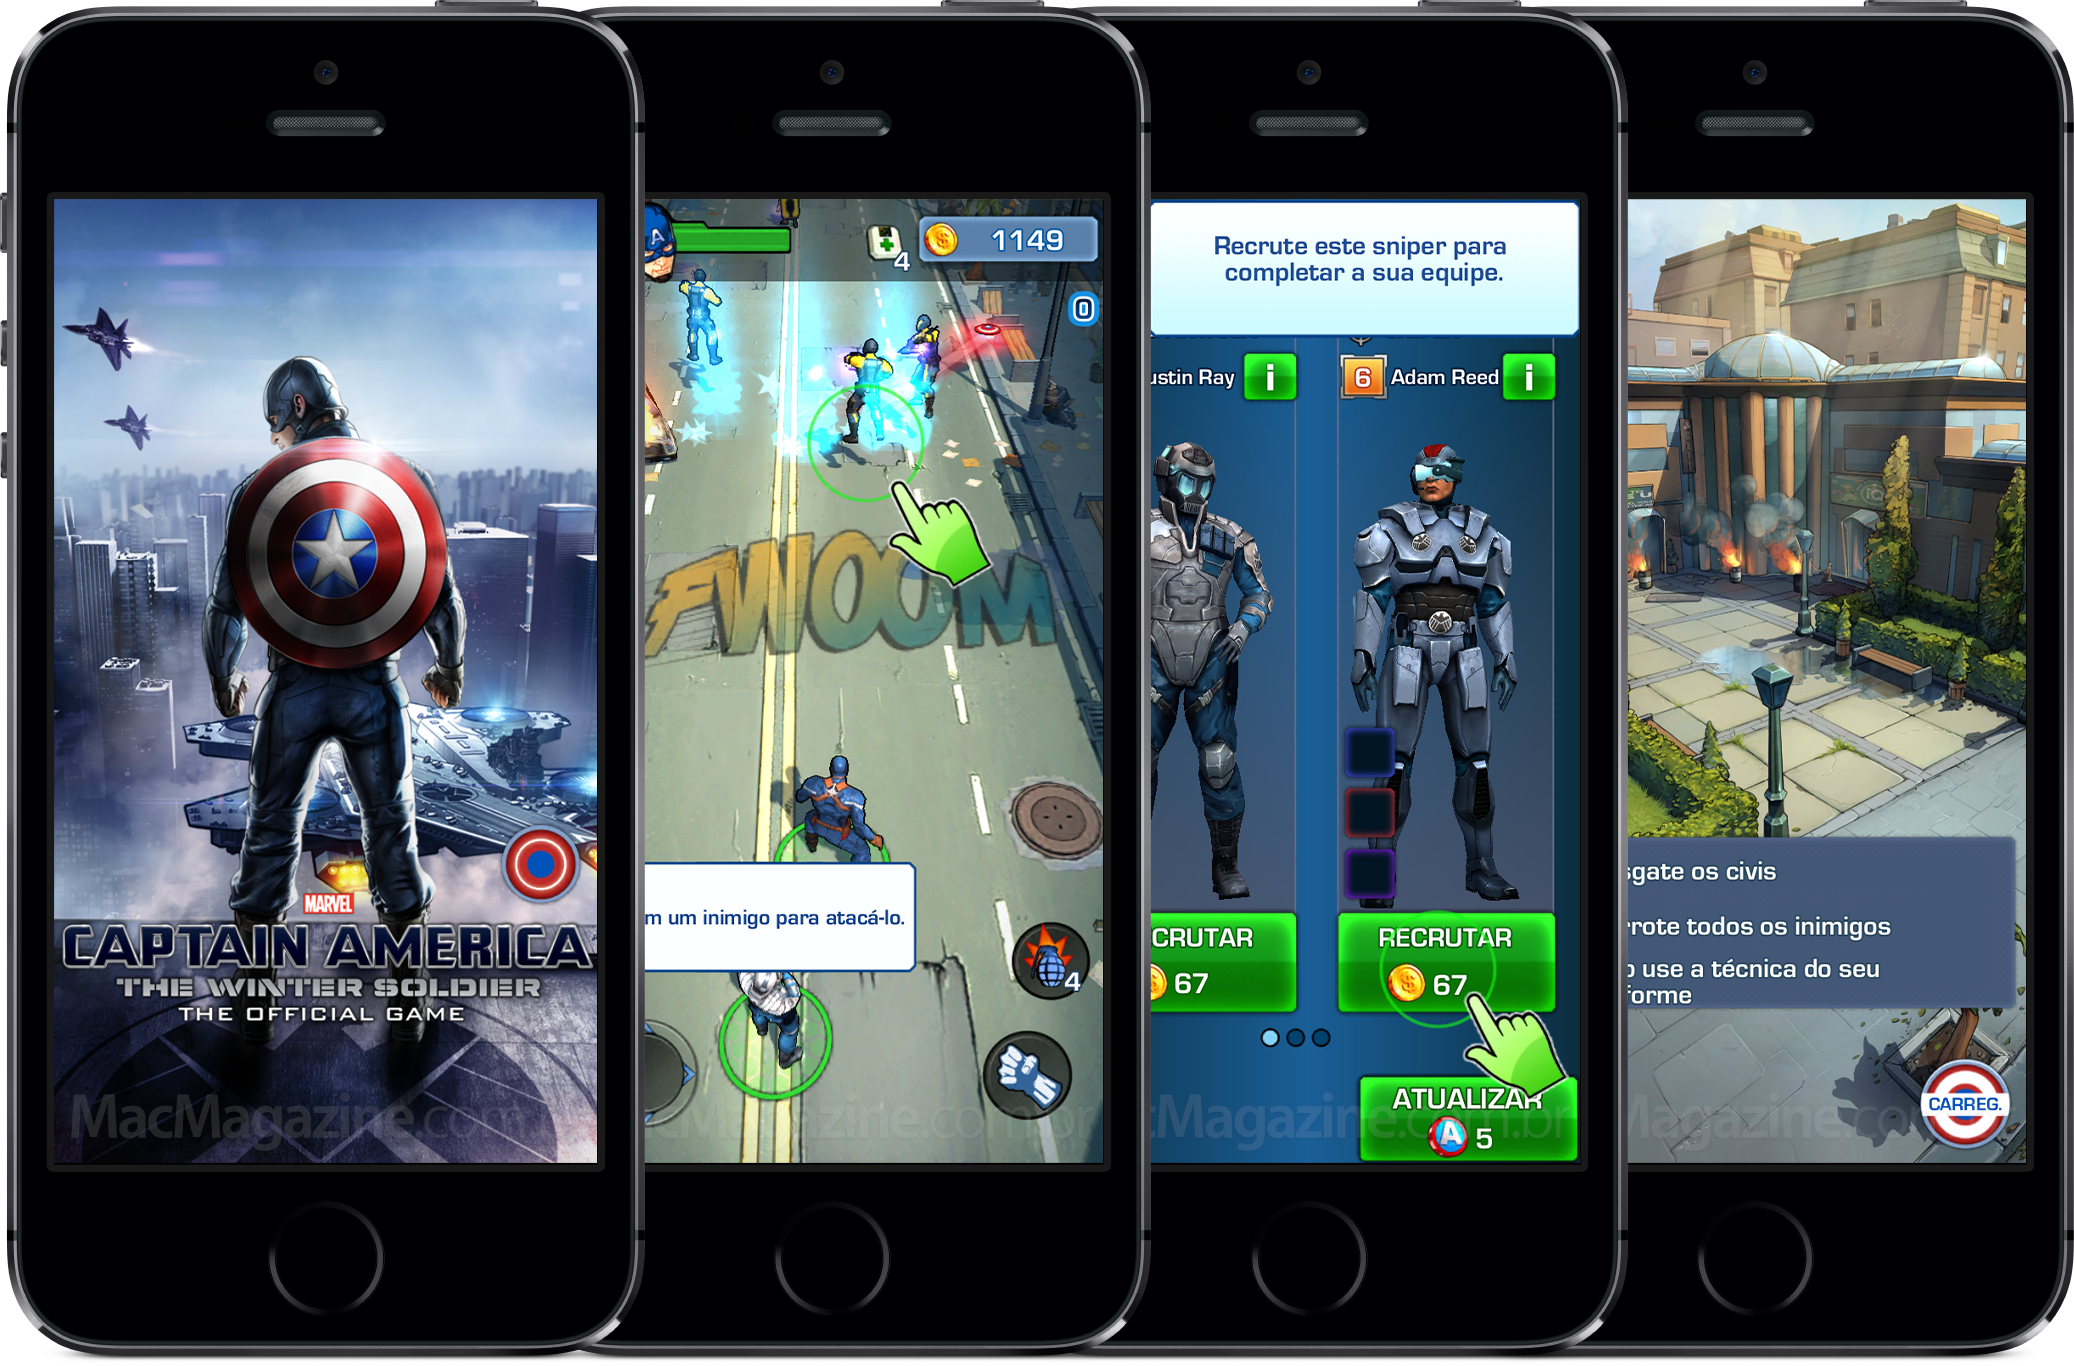 Jogo do Capitão America 2 em iPhones